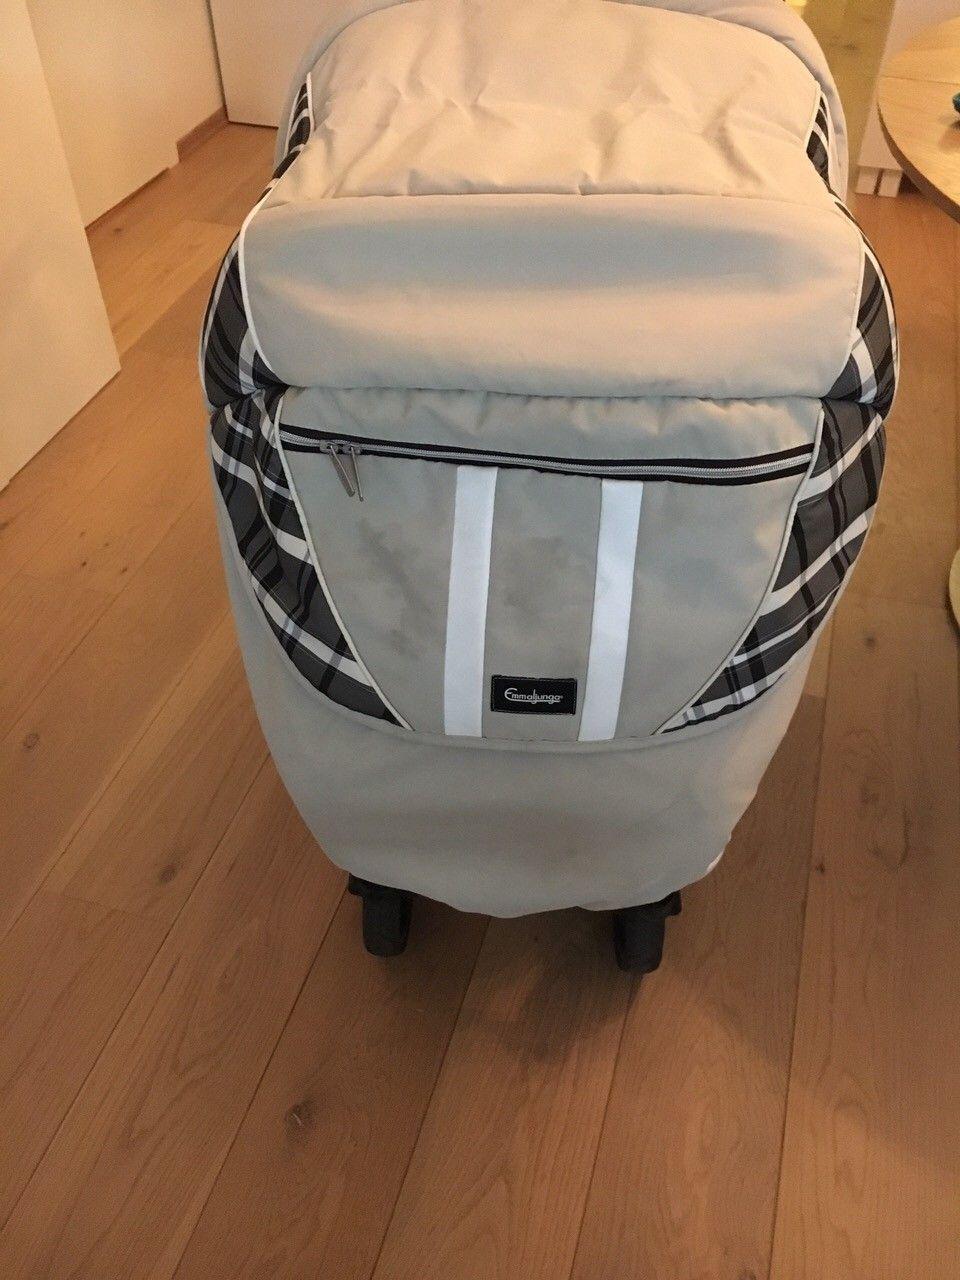 Emmaljunga Nitro City Cross 0-4 med softbag - smal 57cm - Capre creme farge - Trondheim  - Ønsker budrund, høystbydene over 3500. Se mer info under. Introduksjon: - Kjøpt i 2014, men er en 2013 modell.  Med softbag, kalt Quatrolift kan vognen brukes fra nyfødt og til 4 år. Priser da vognen ble kjøpt:&#1 - Trondheim